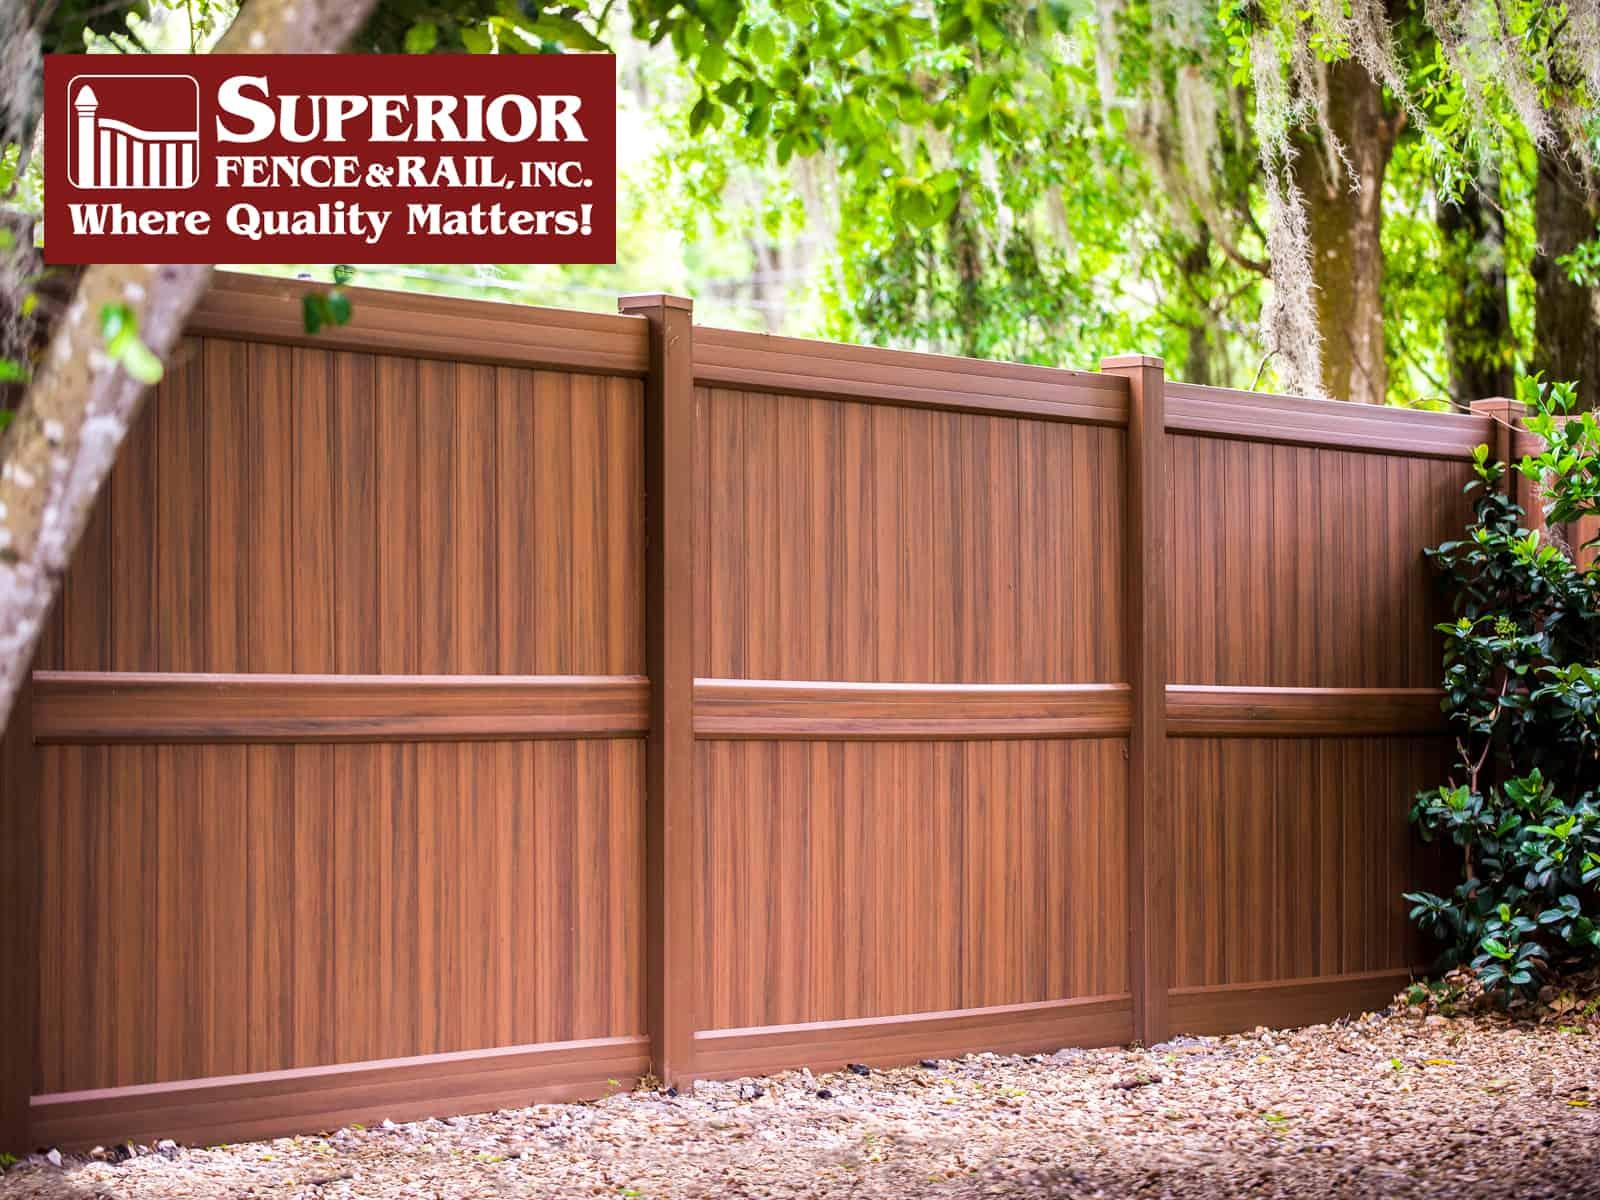 Bentonville Fence Company Contractor